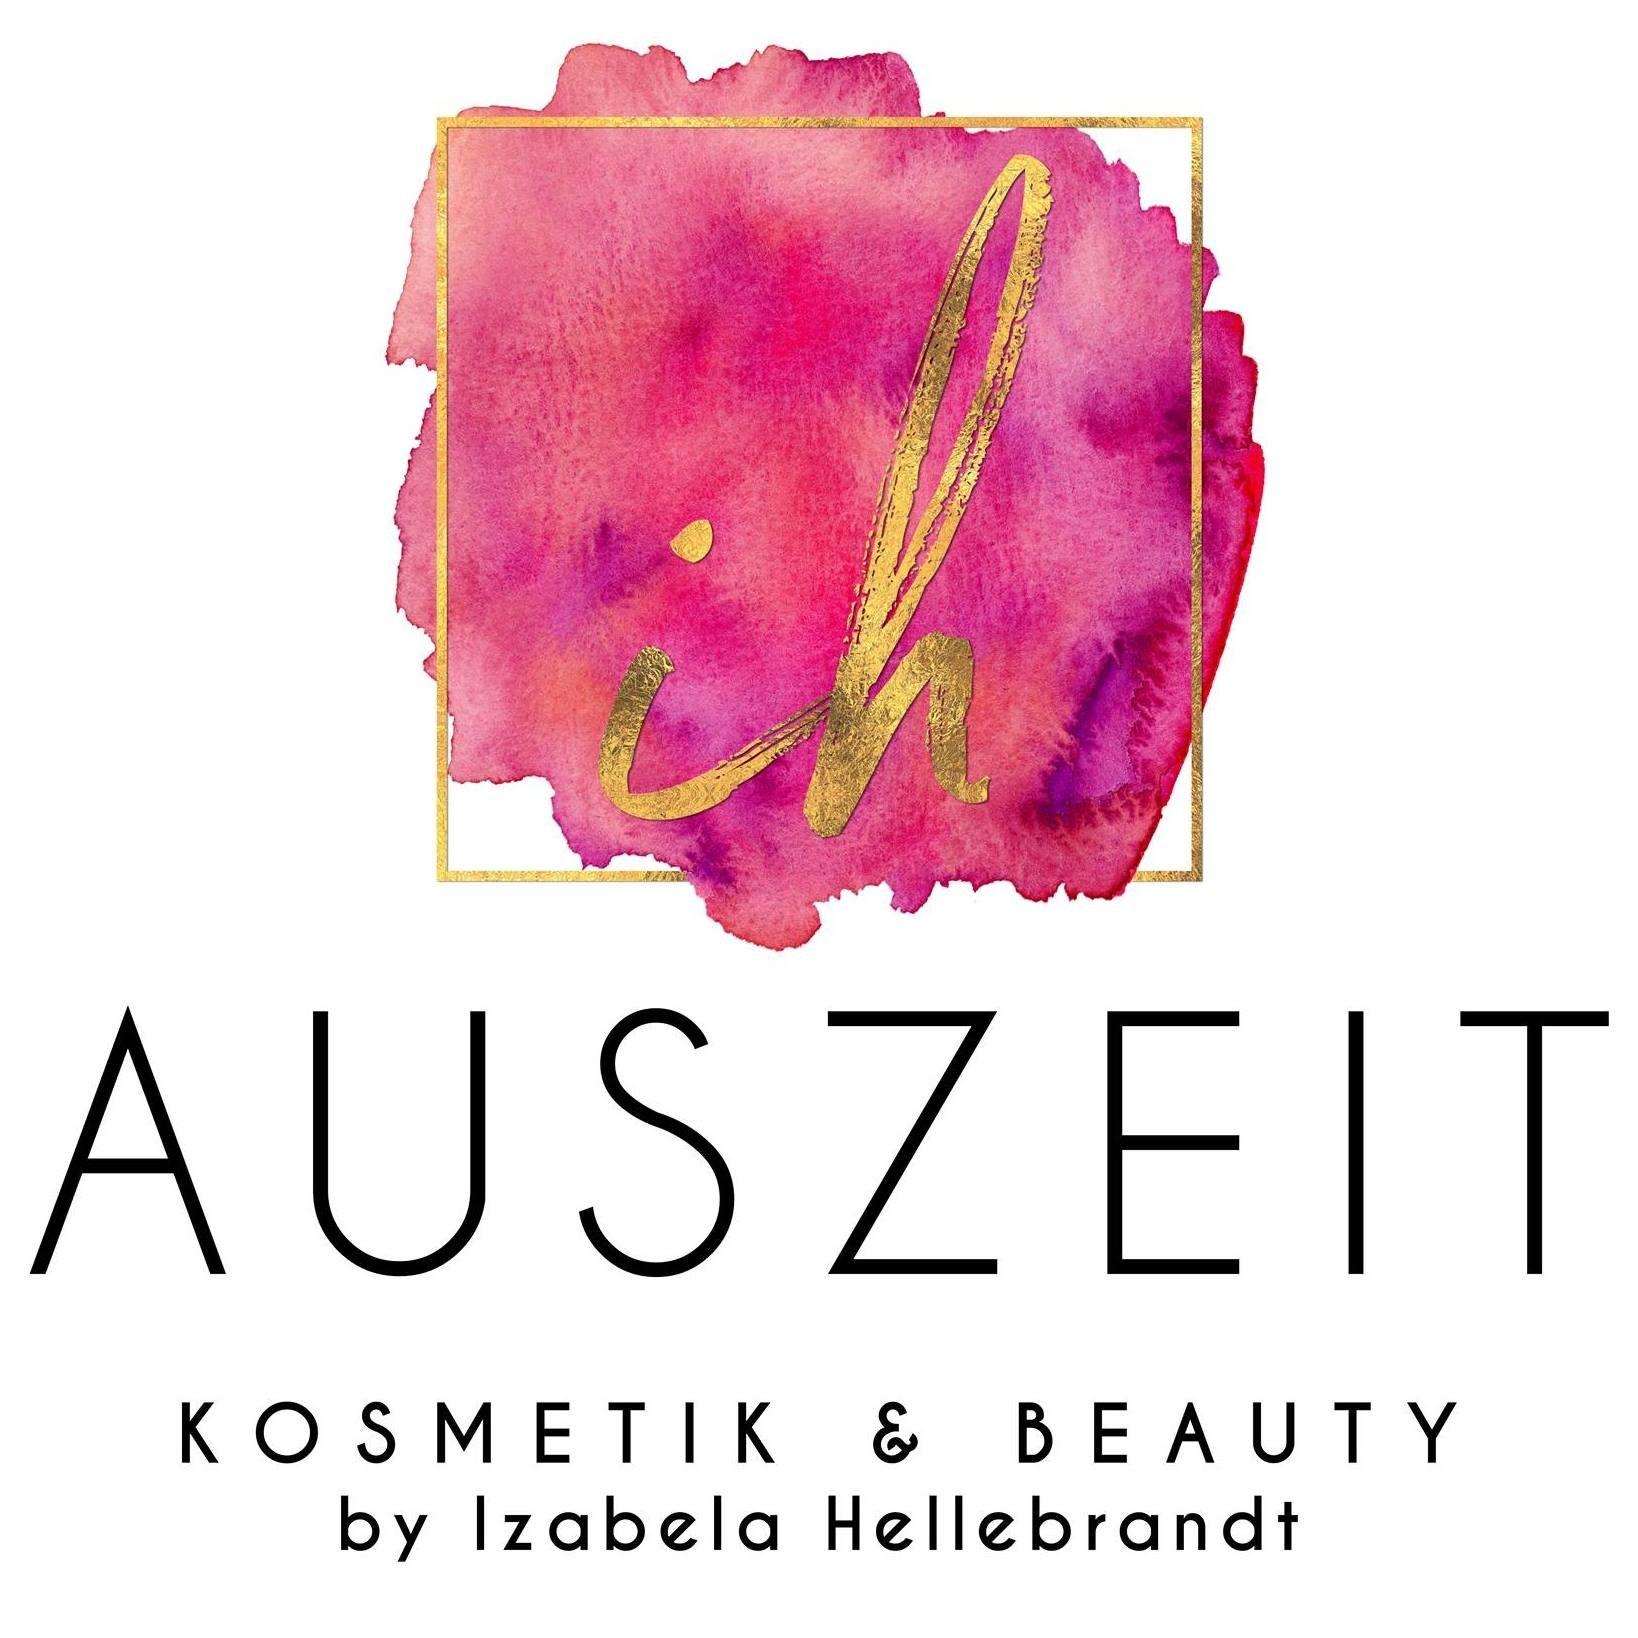 Auszeit Kosmetik & Beauty by Izabela Hellbrandt